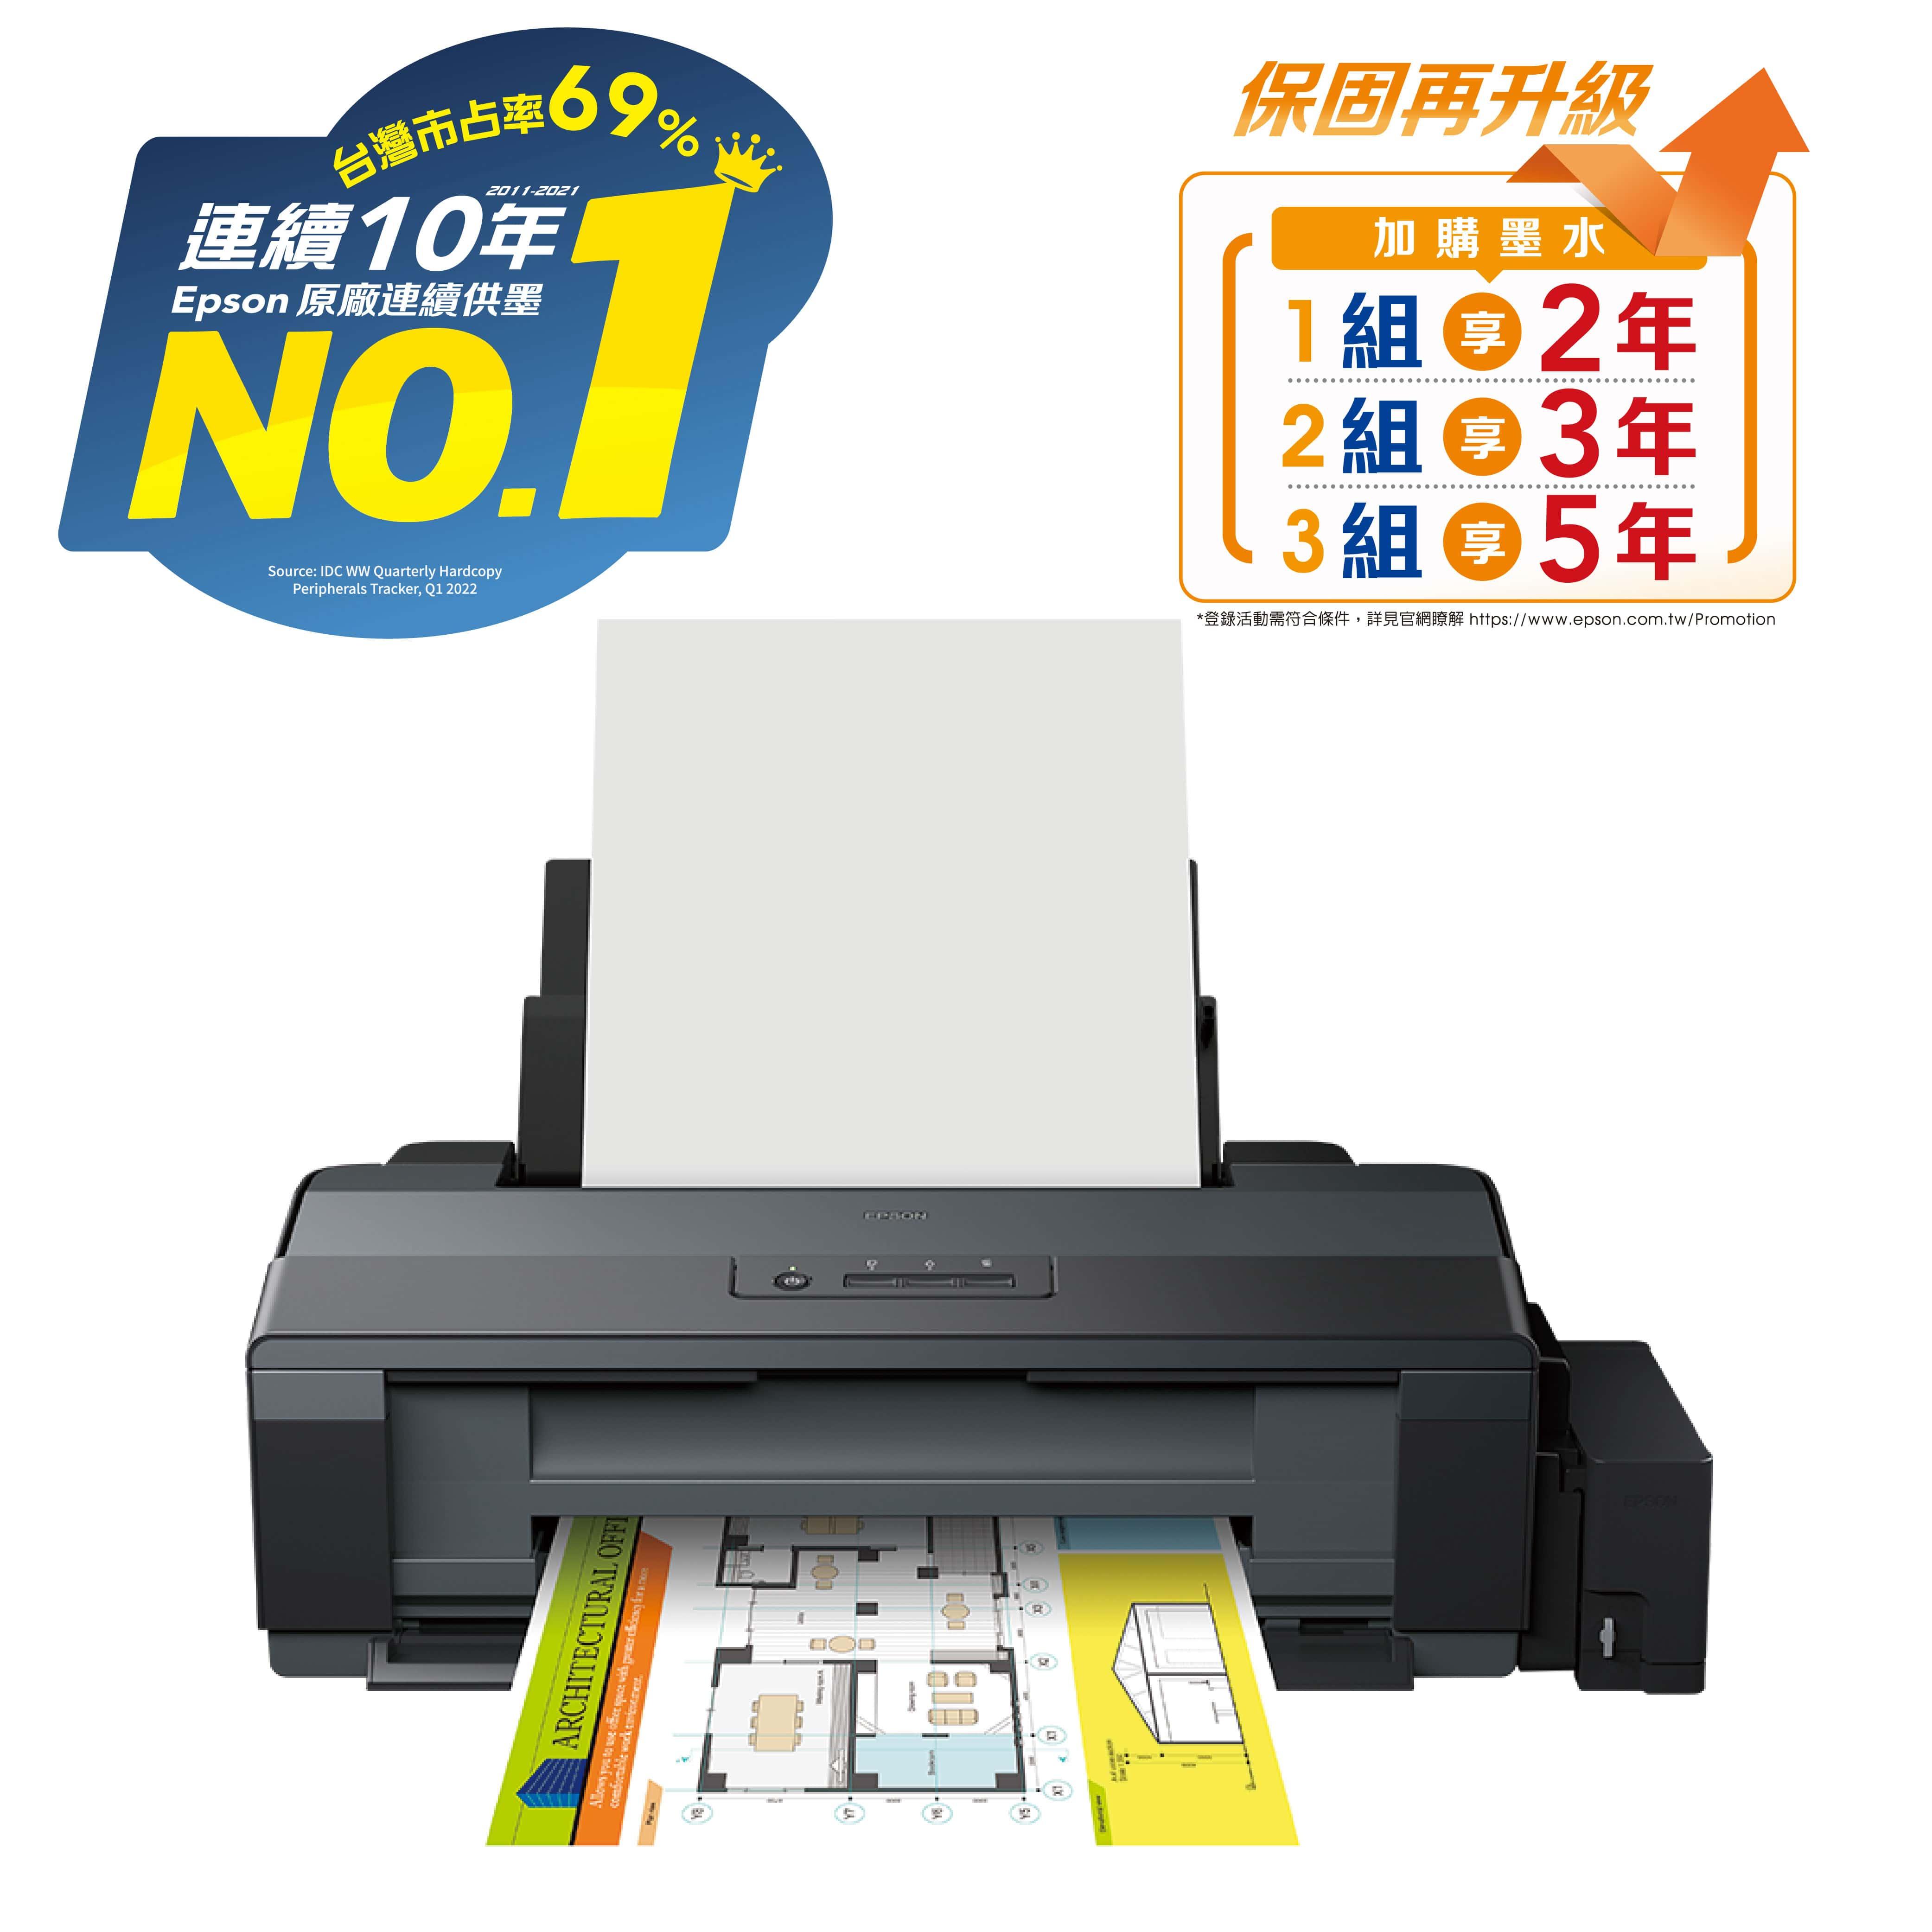 EPSON L1300 A3+連續供墨印表機